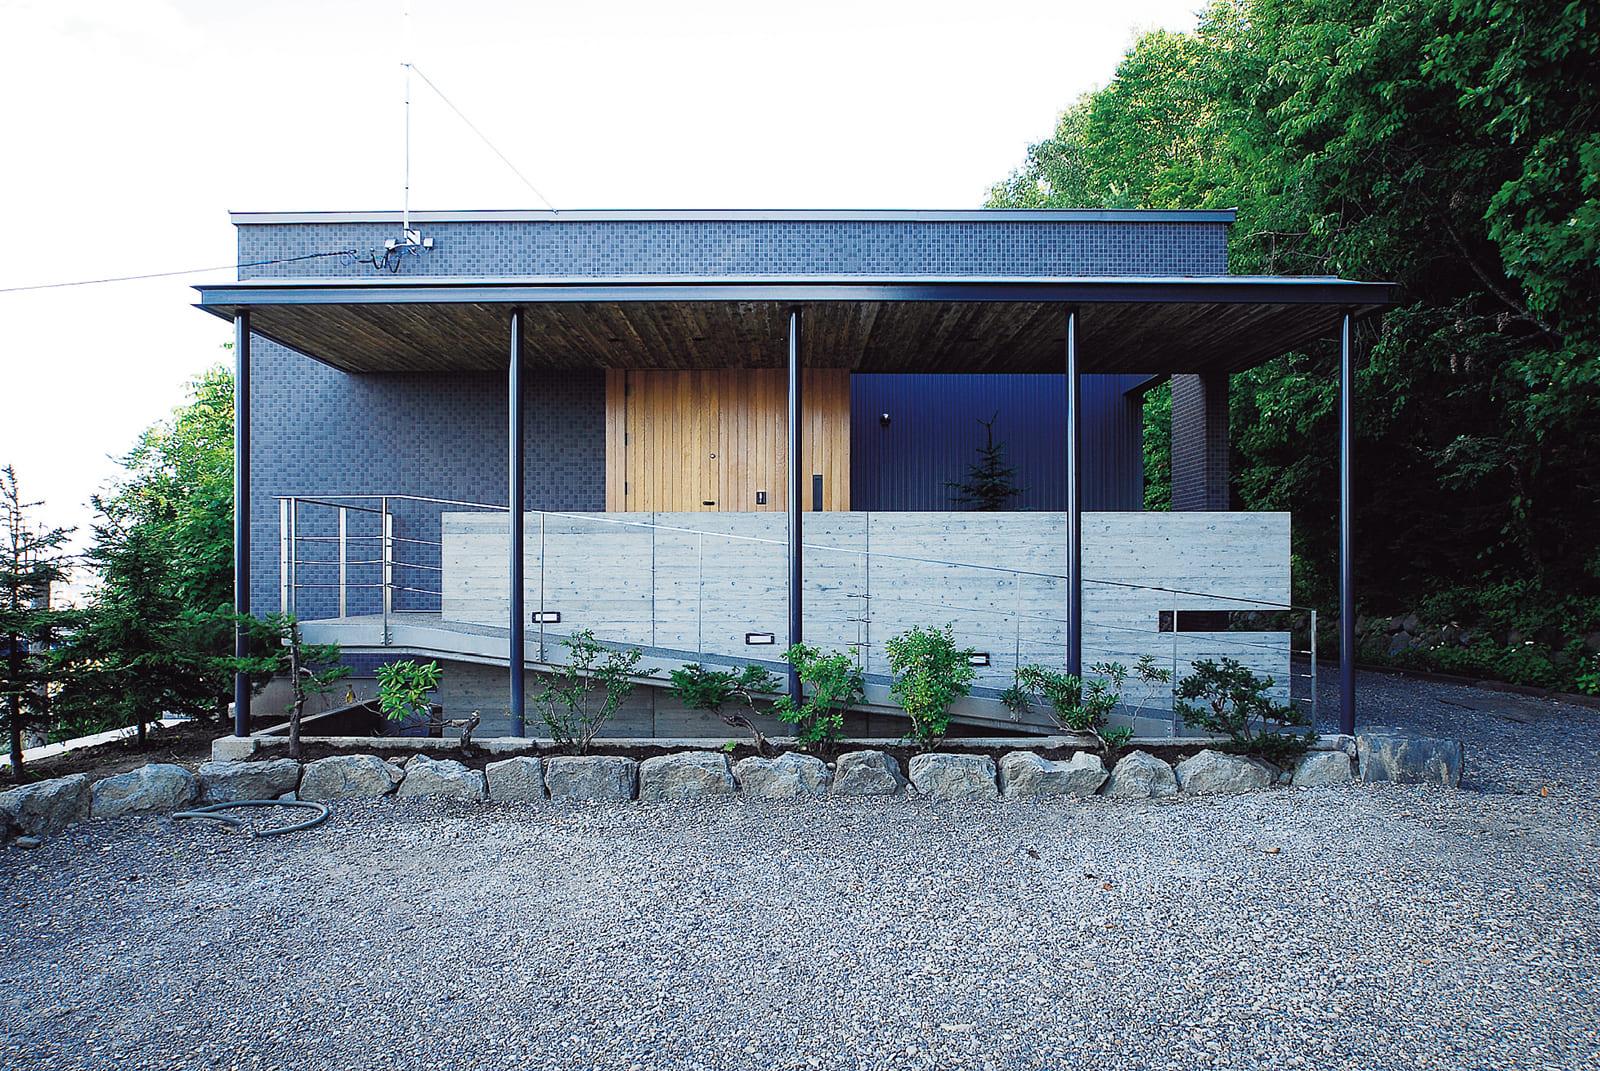 深い軒とコンクリート壁が印象的な外観。玄関ポーチへは階段でもスロープでもアプローチができる